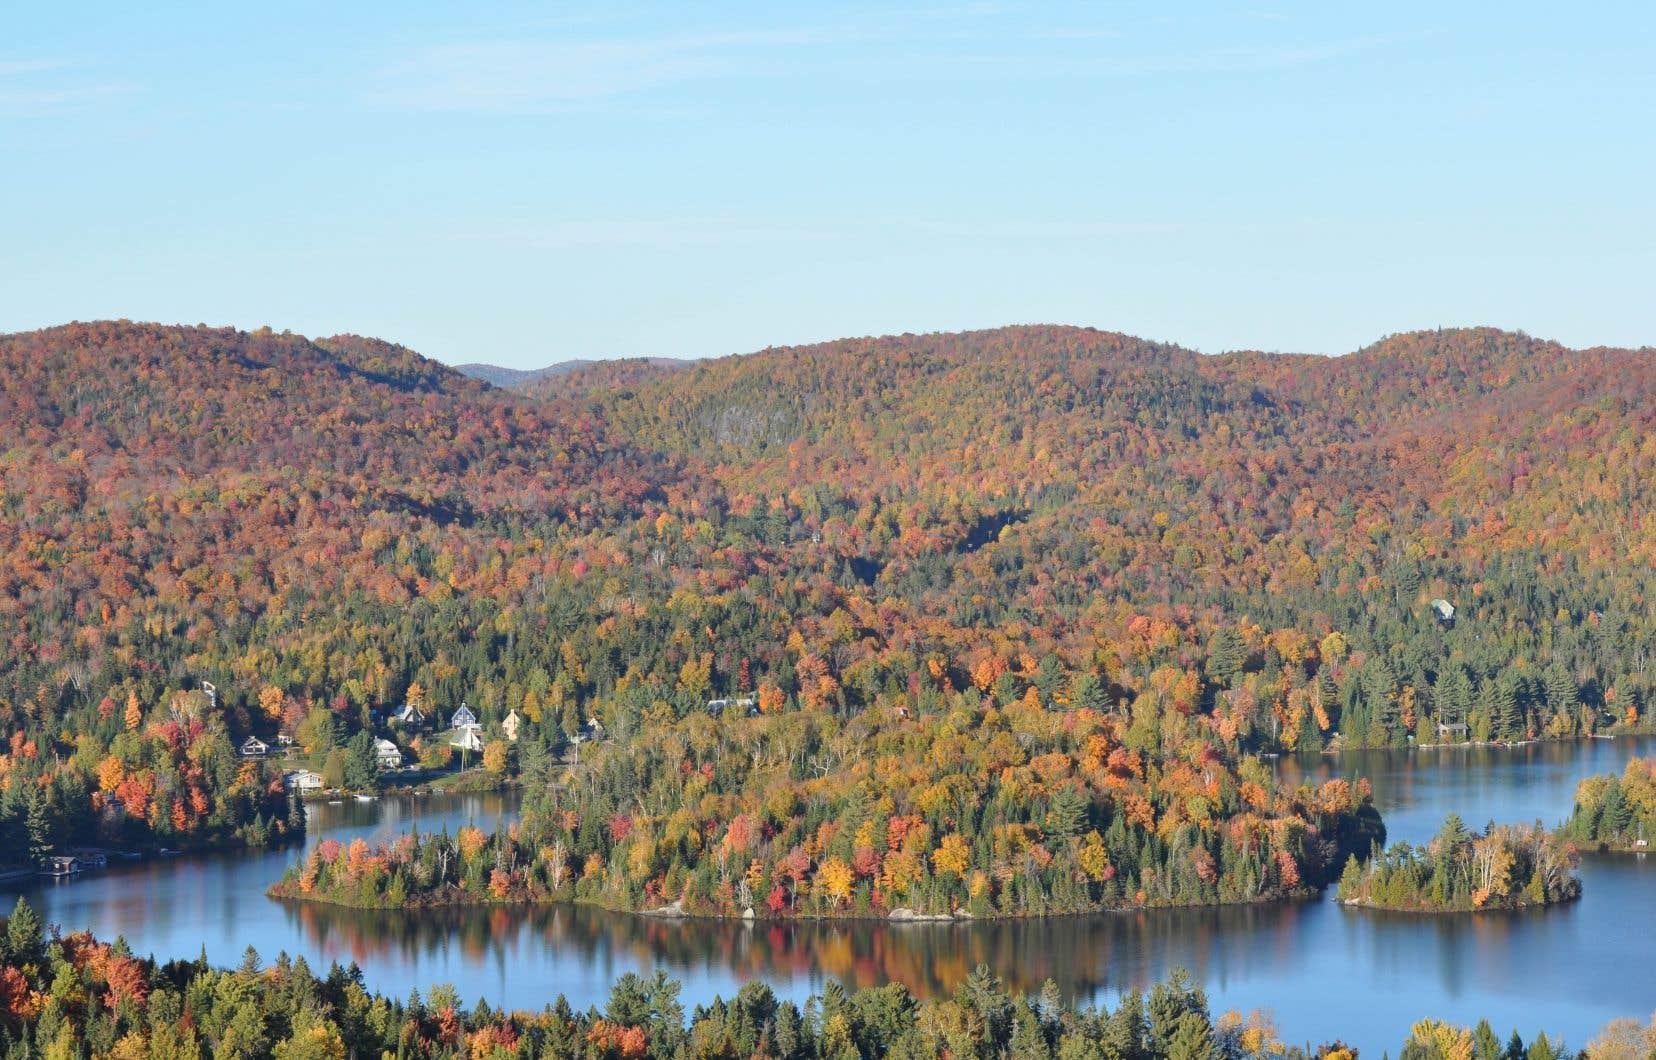 Saint-Adolphe-d'Howard rappelle que l'économie de la municipalité repose sur le tourisme et la villégiature.